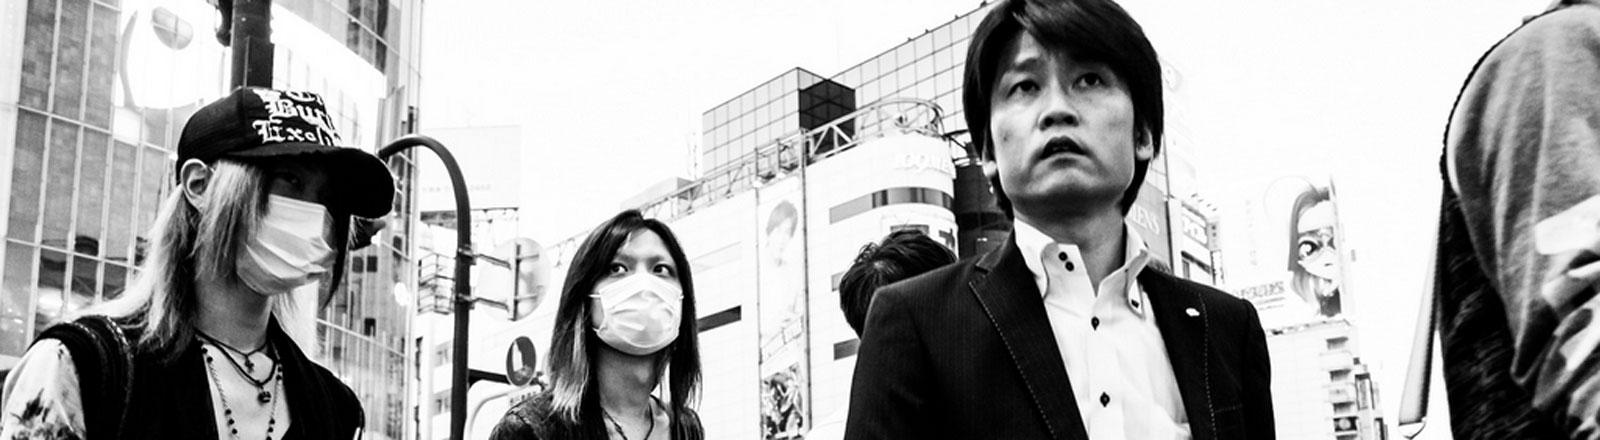 Menschen auf einer Straße in Tokio